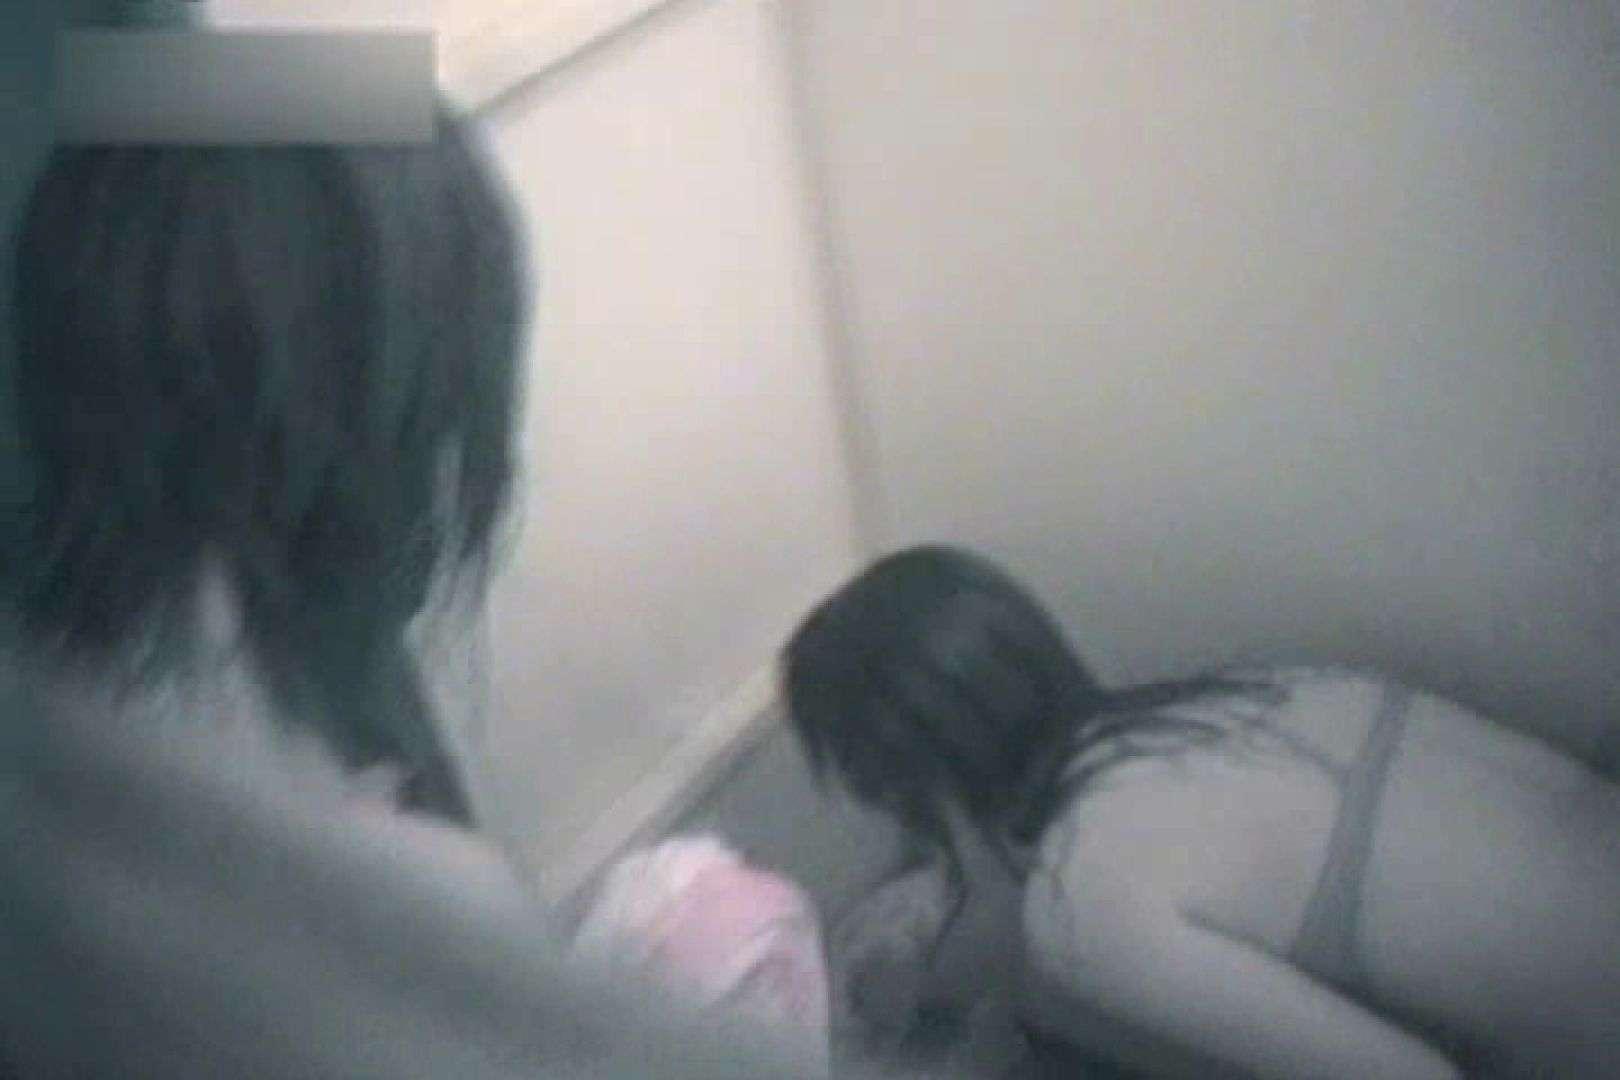 夏海シャワー室!ベトベトお肌をサラサラに!VOL.02 OLの実態 盗撮エロ画像 94pic 7